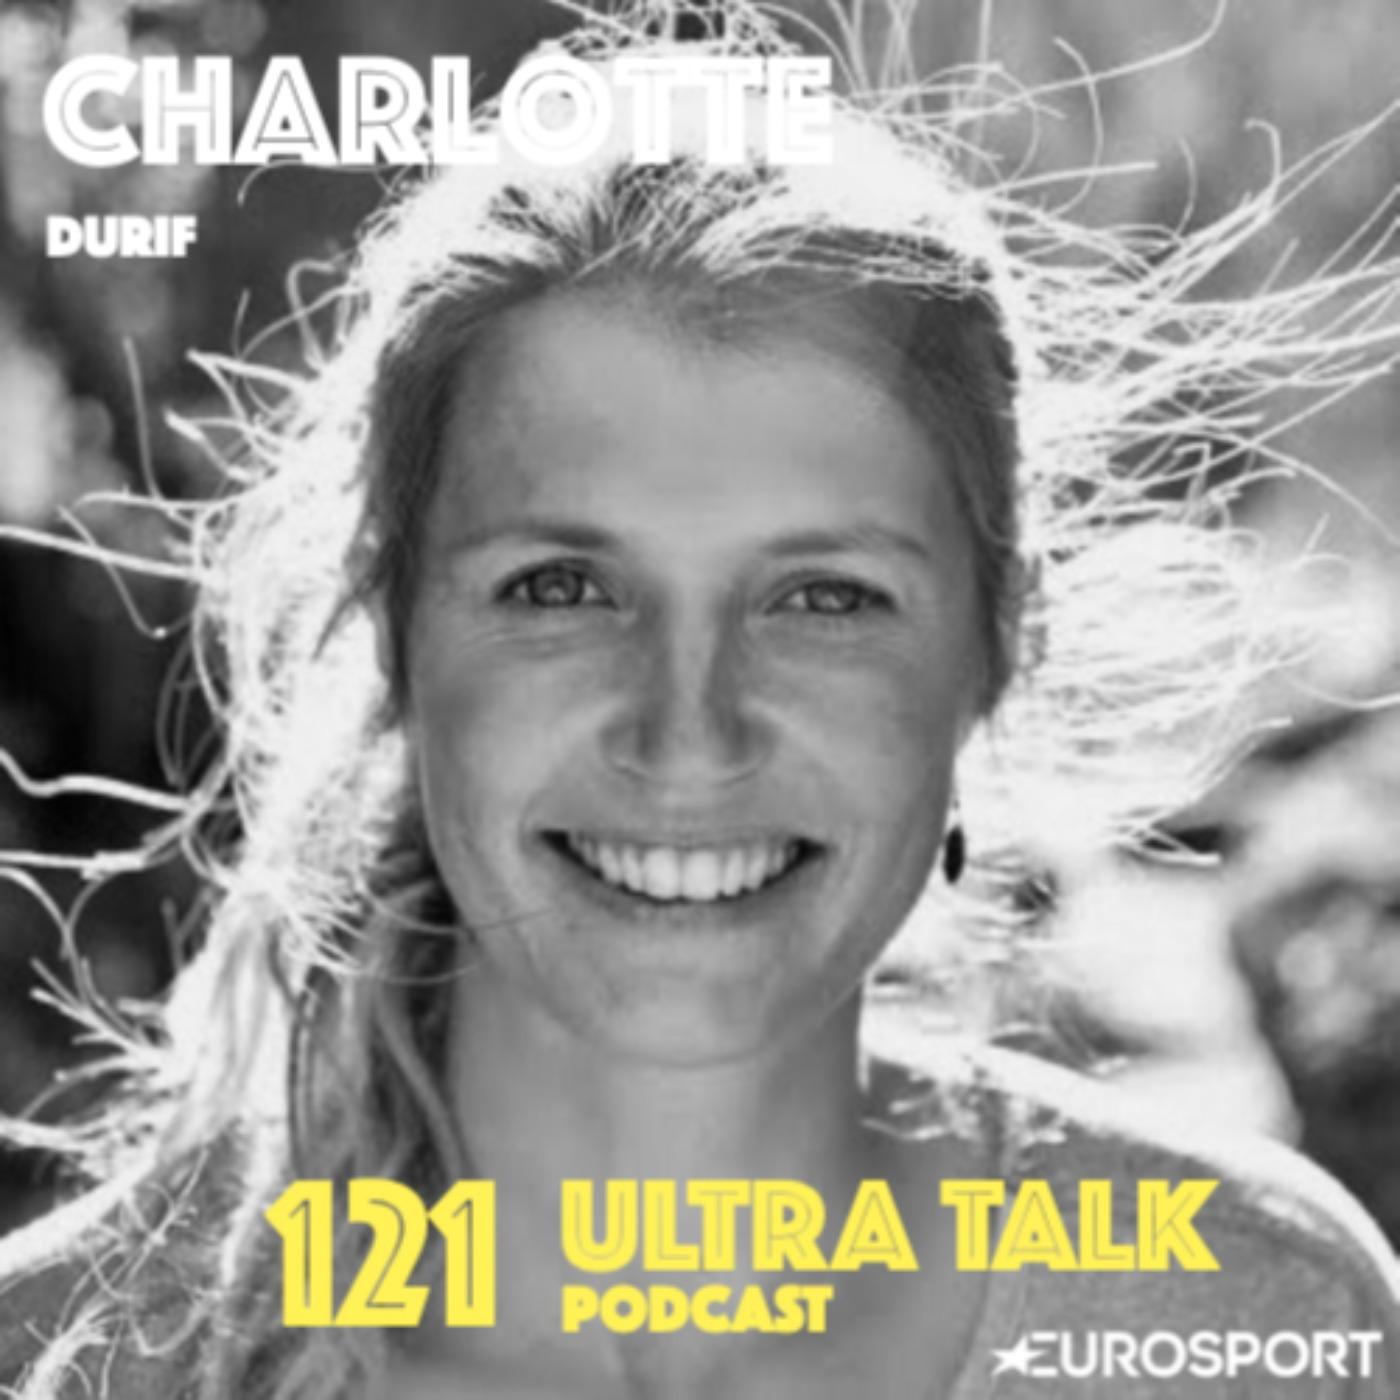 """Charlotte Durif : """"Bivouaquer à même la paroi"""""""